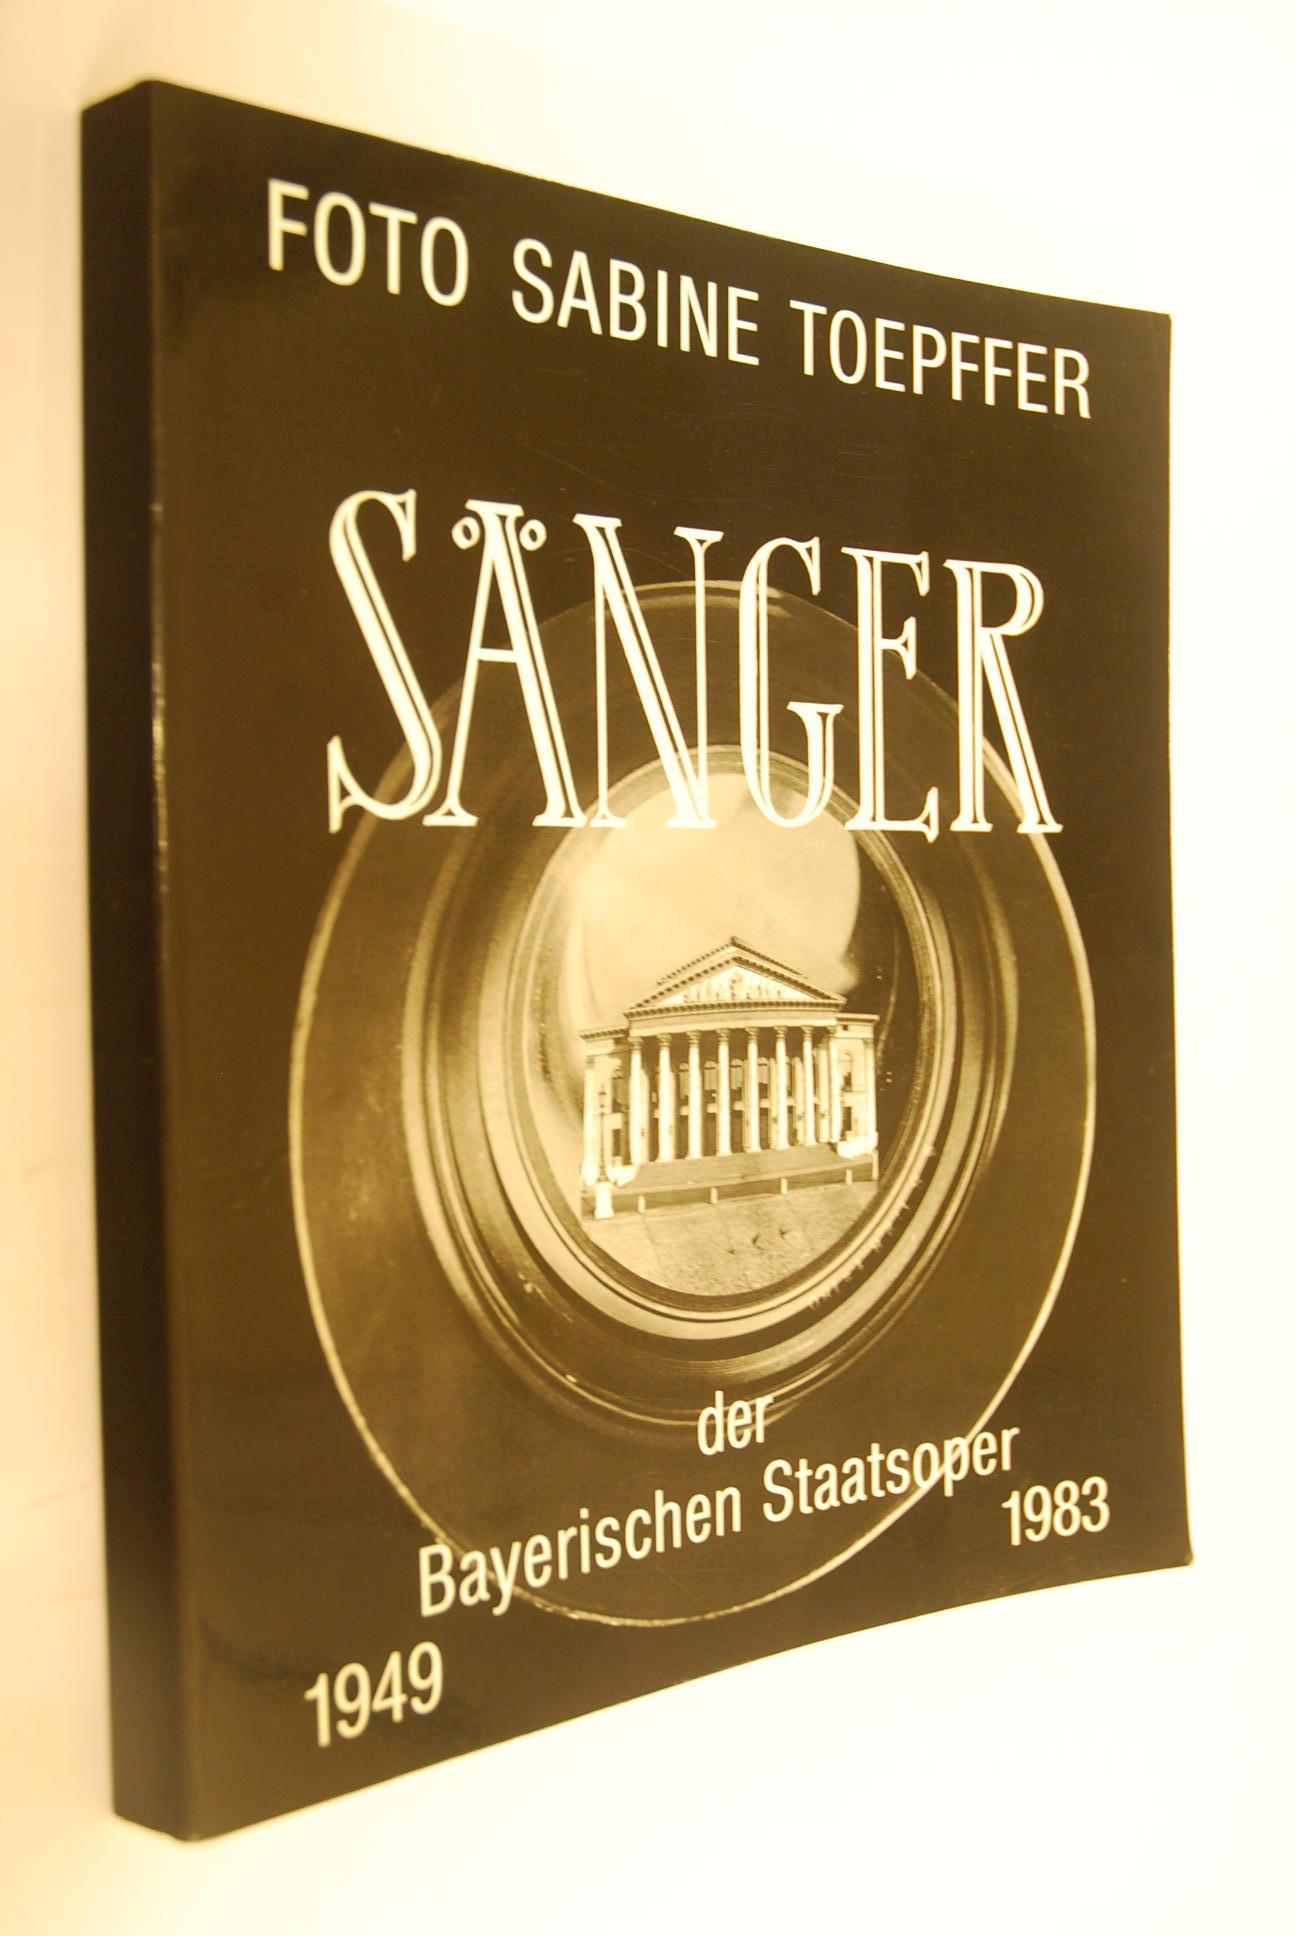 Sänger der Bayerischen Staatsoper 1949-1983. Foto Sabine: Toepffer, Sabine: